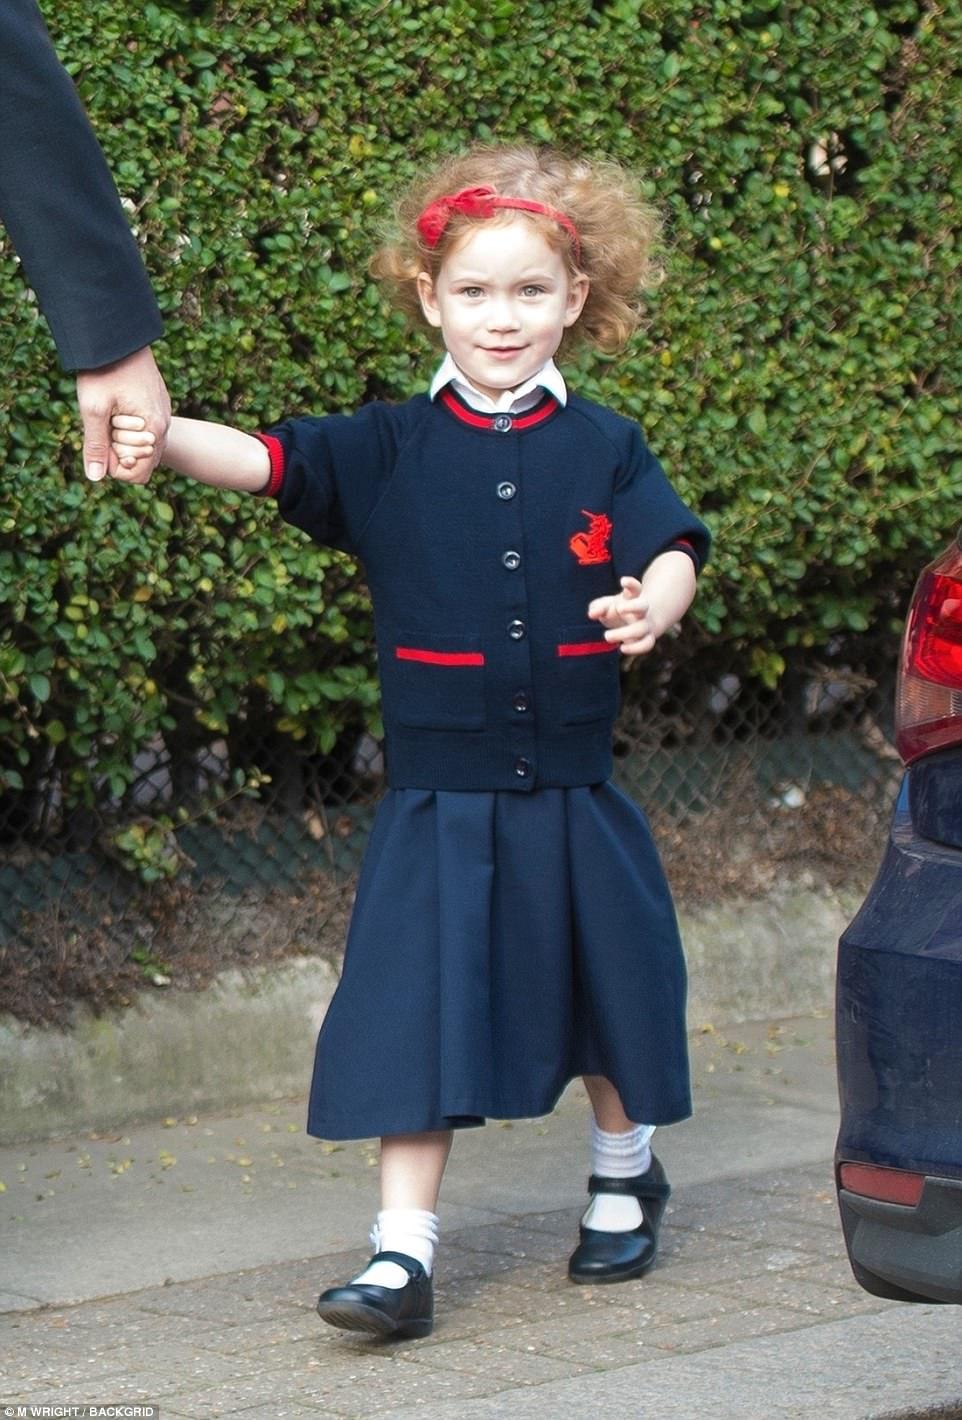 Có gì đặc biệt trong ngôi trường Hoàng tử bé Anh Quốc theo học, nơi sở hữu nền giáo dục tốt nhất có thể mua được - Ảnh 4.